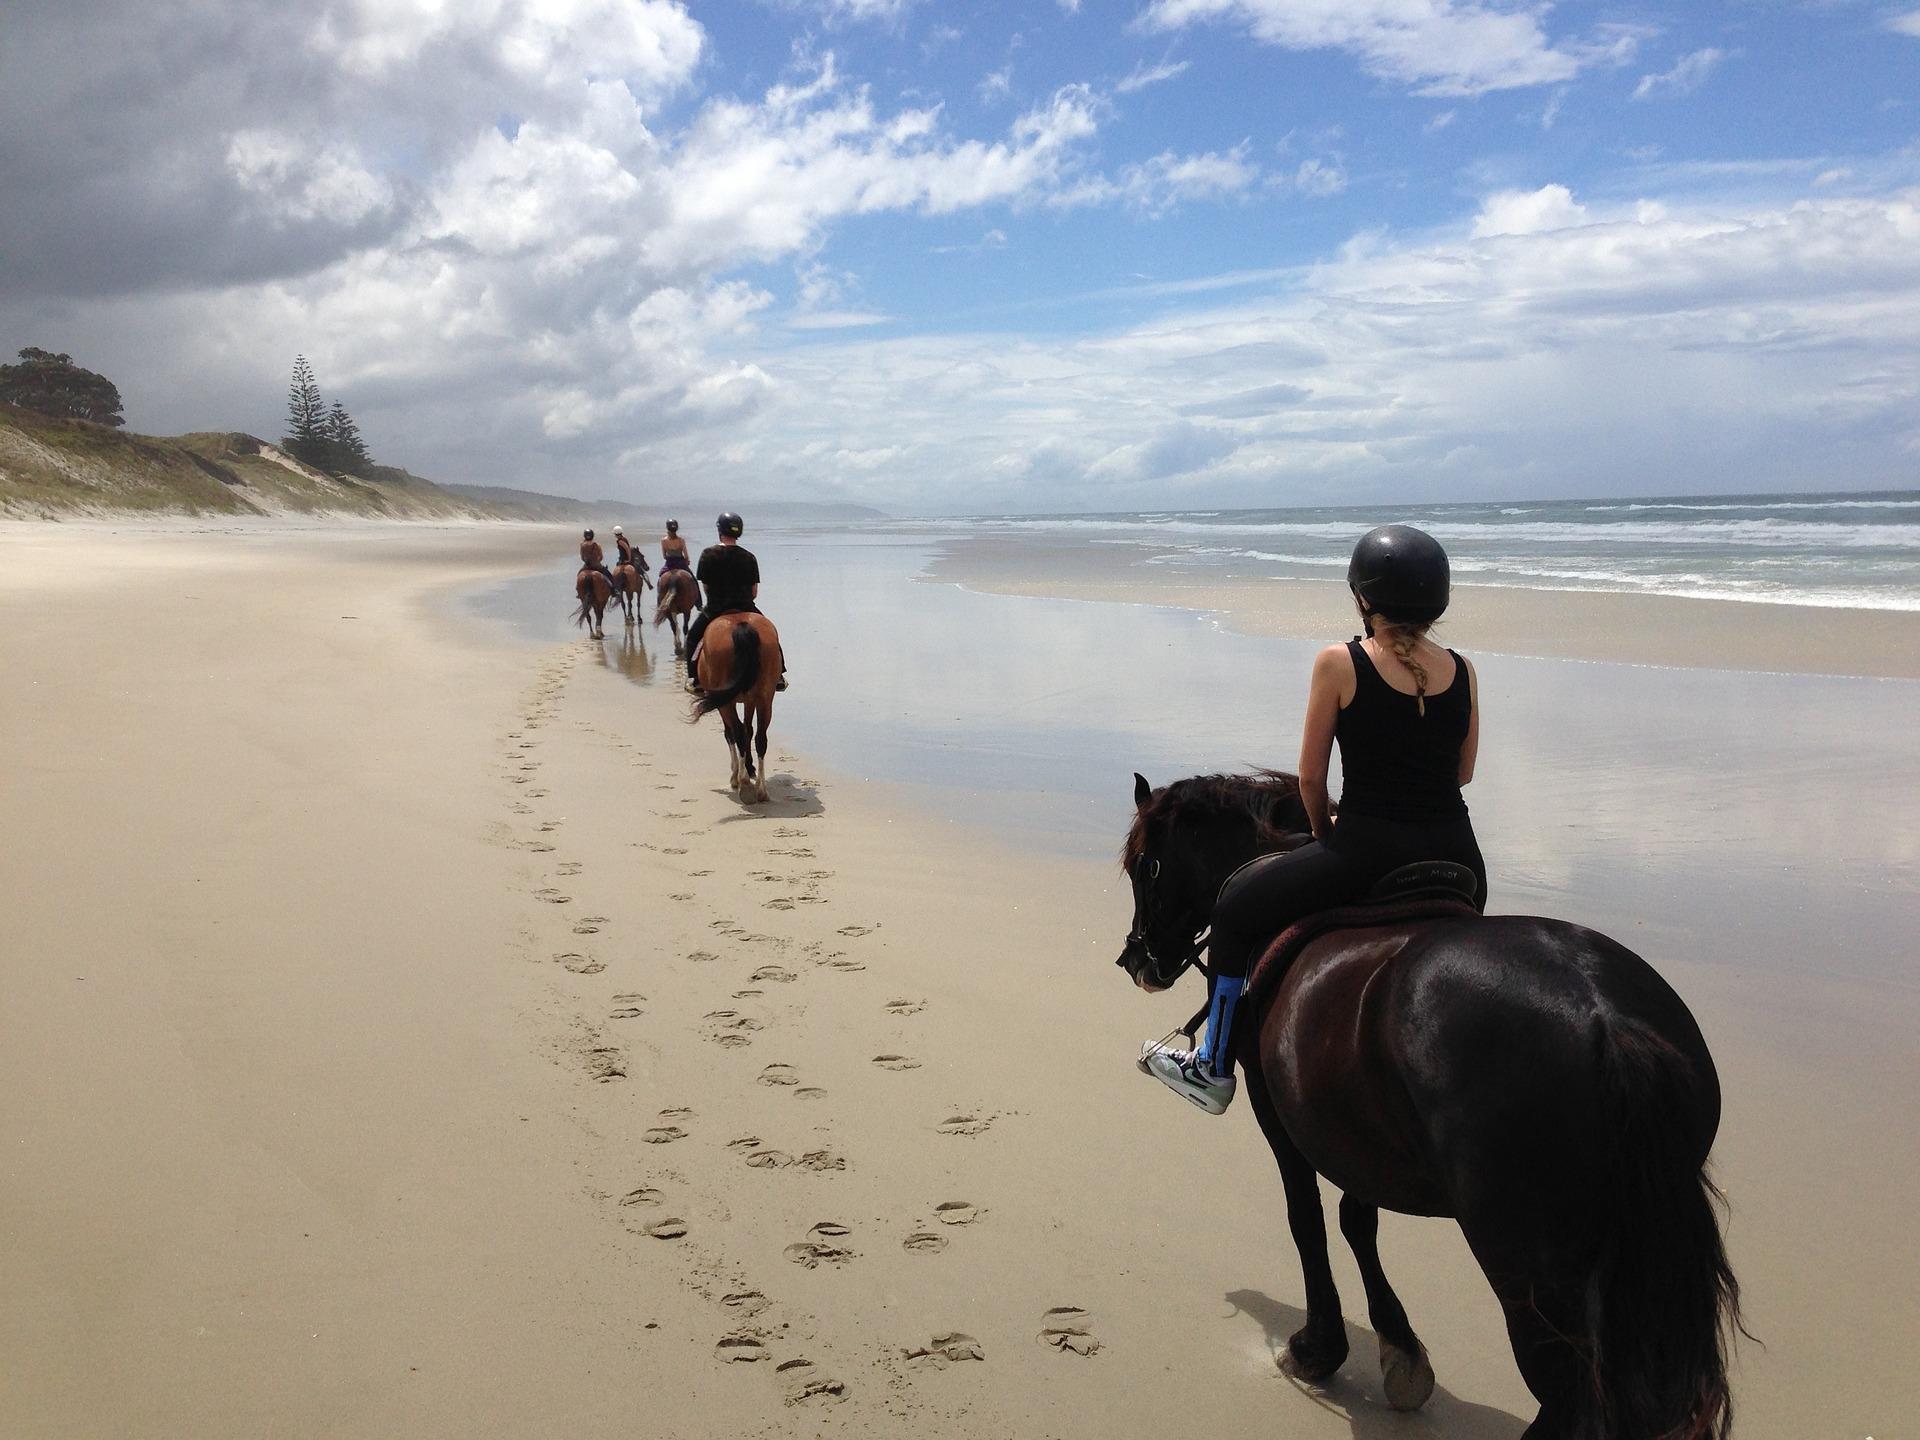 Personnes qui font une randonnée à cheval sur une plage